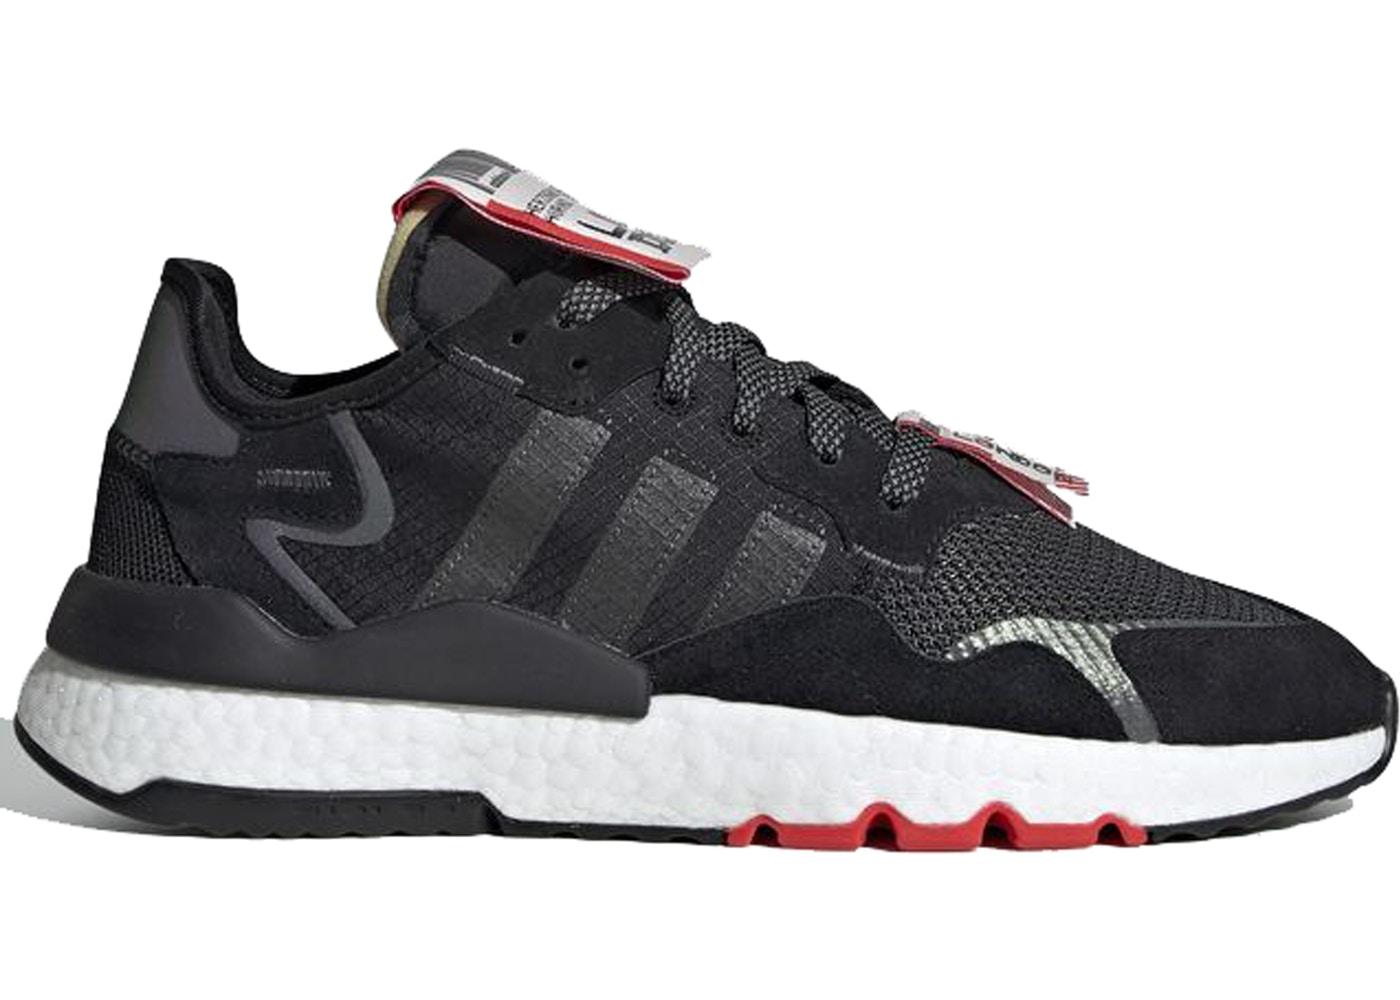 メンズ靴, スニーカー  ADIDAS NITE JOGGER JET SET LONDON CORE BLACK CLOUD WHITE HIRES RED